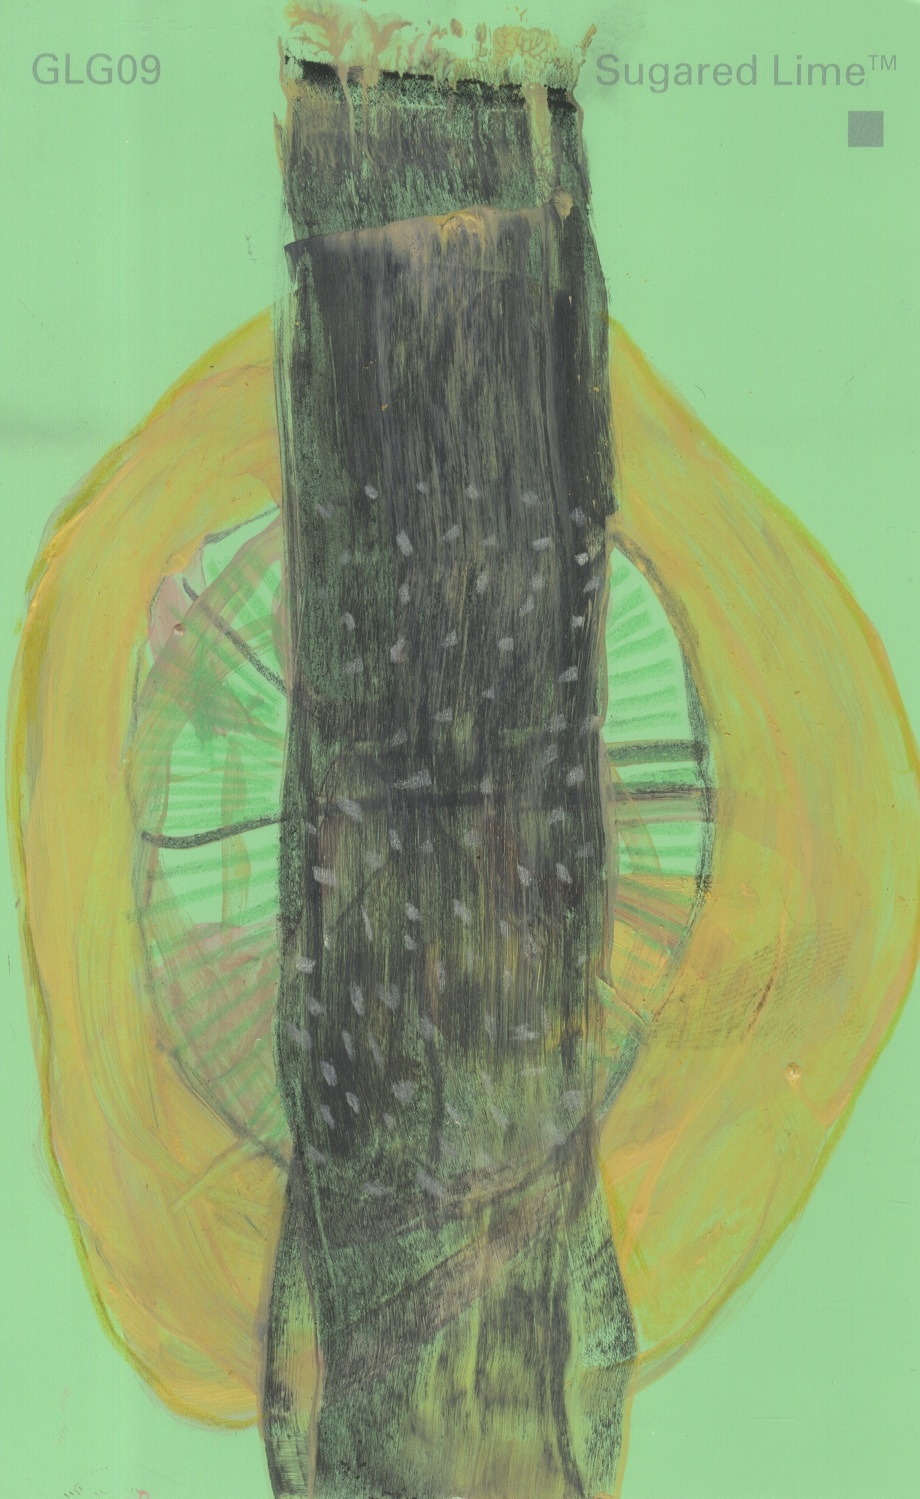 surgared lime 1.jpeg